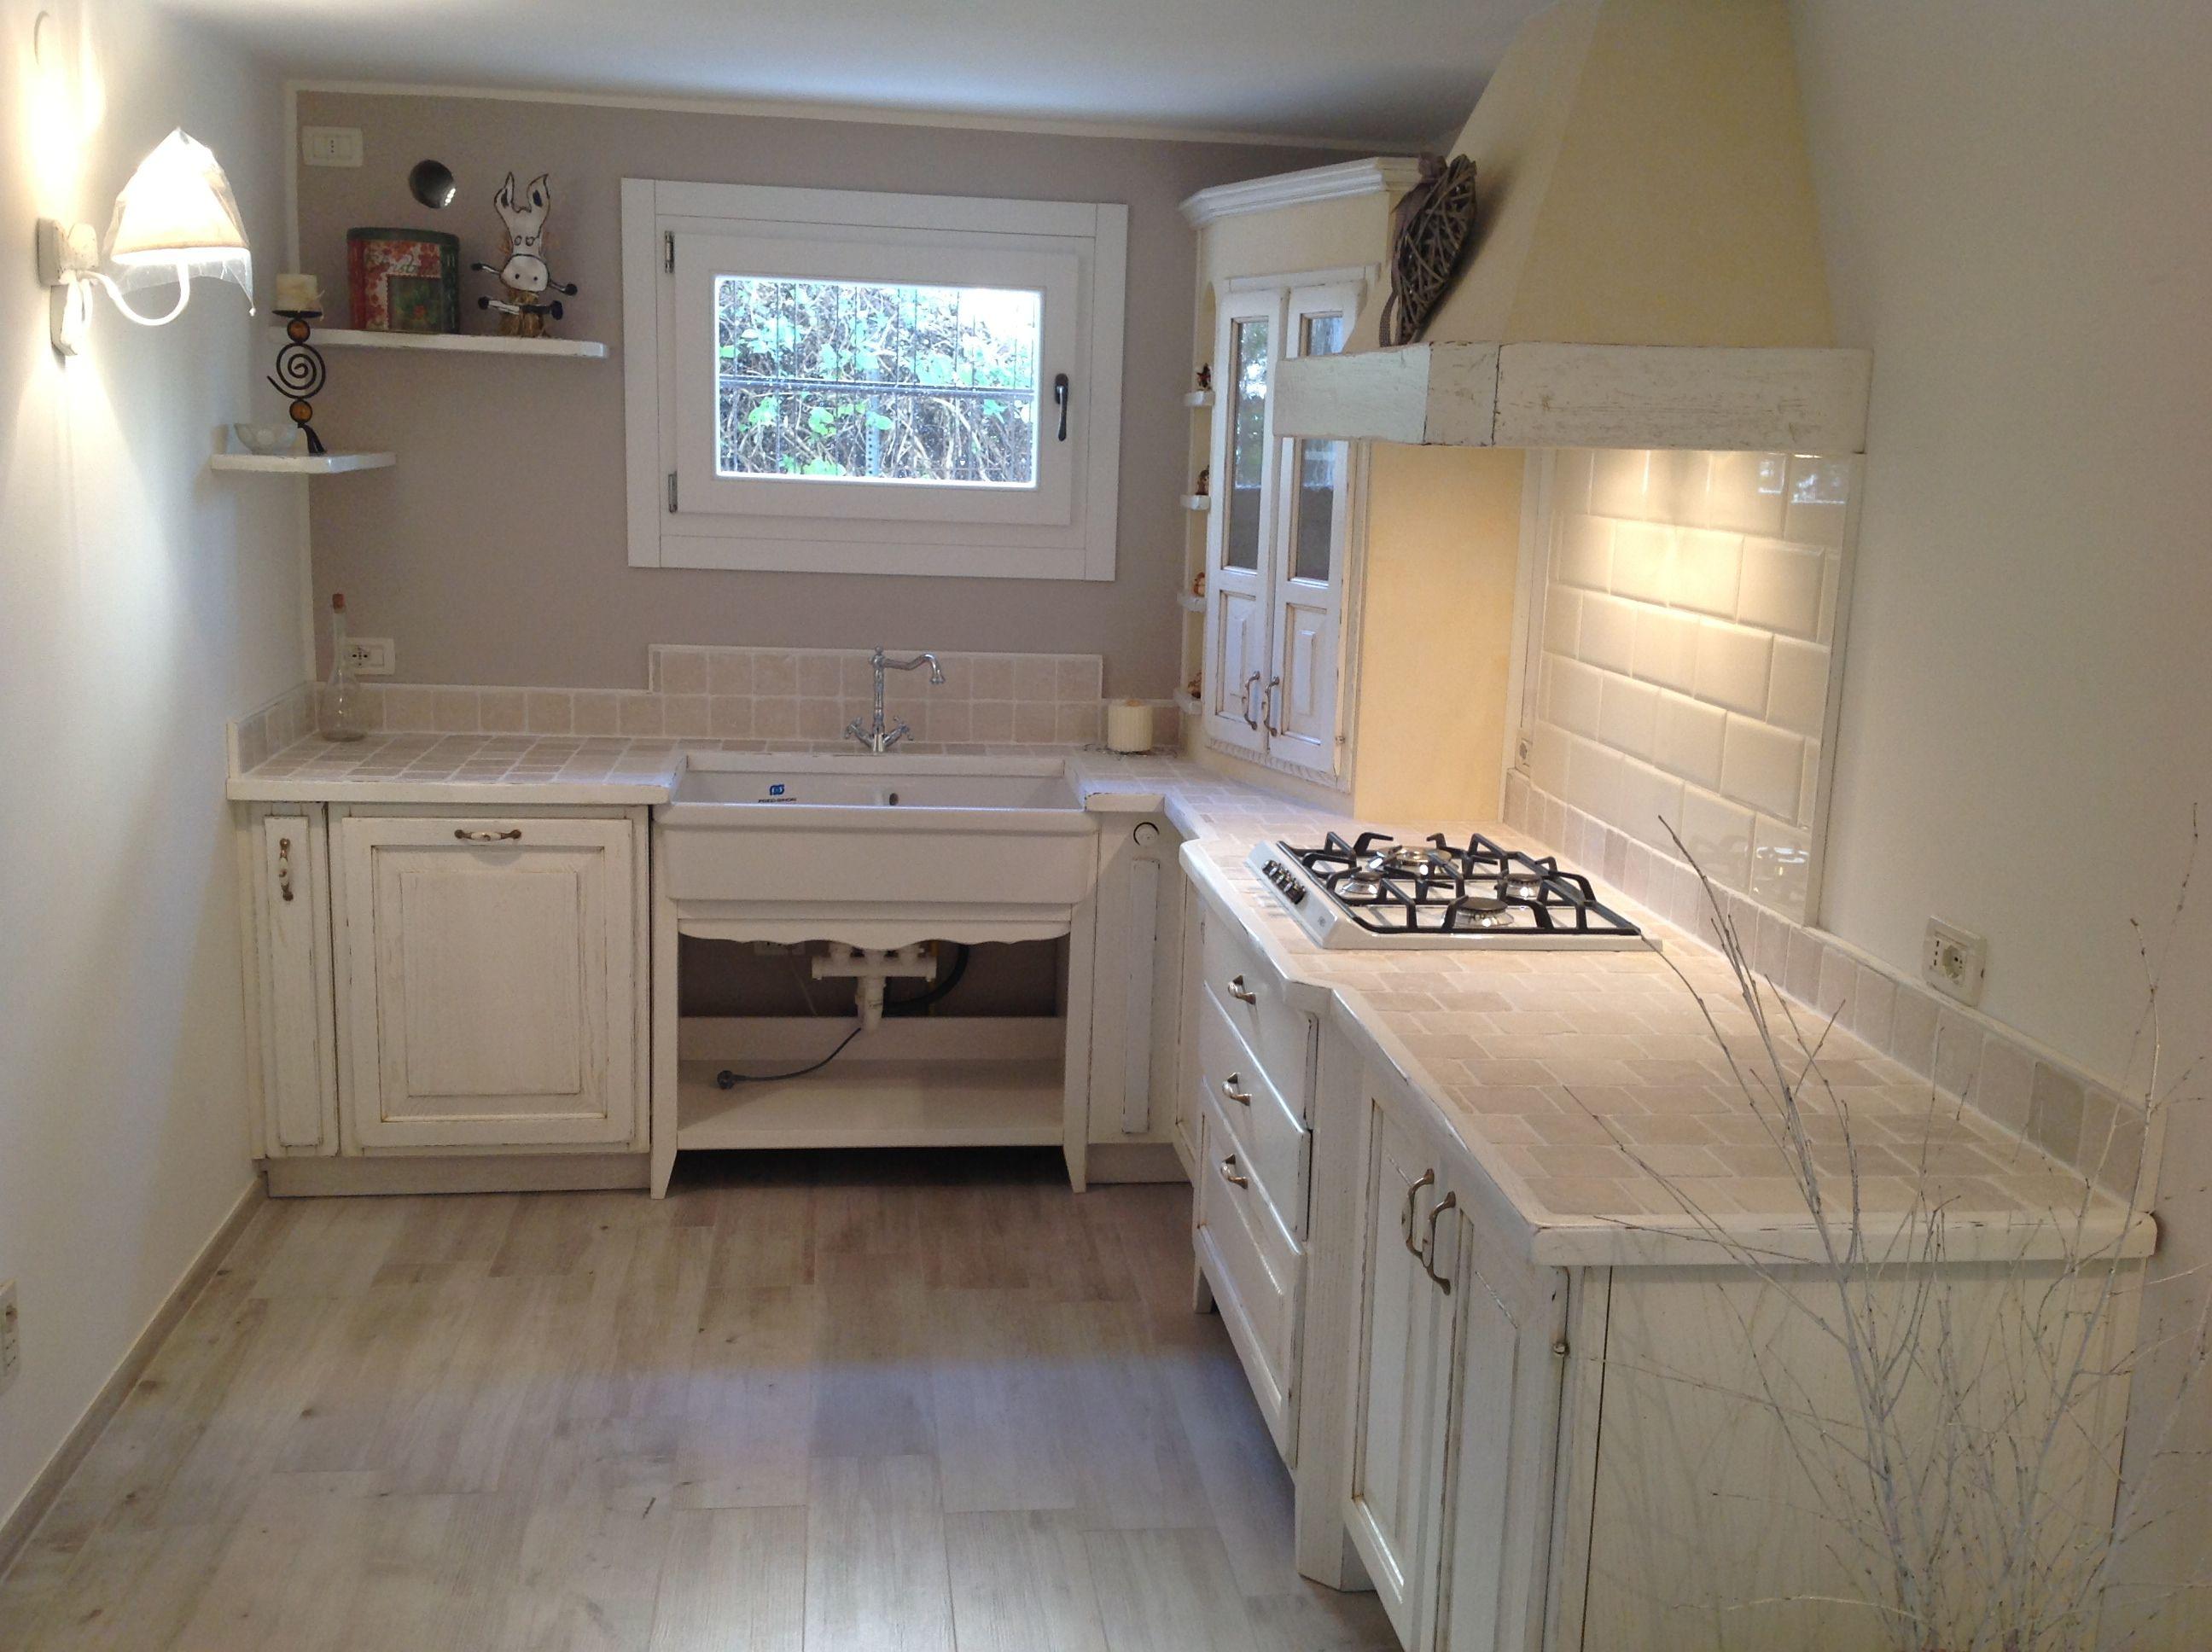 cucina in muratura in stile provenzale | Cucina in muratura ...